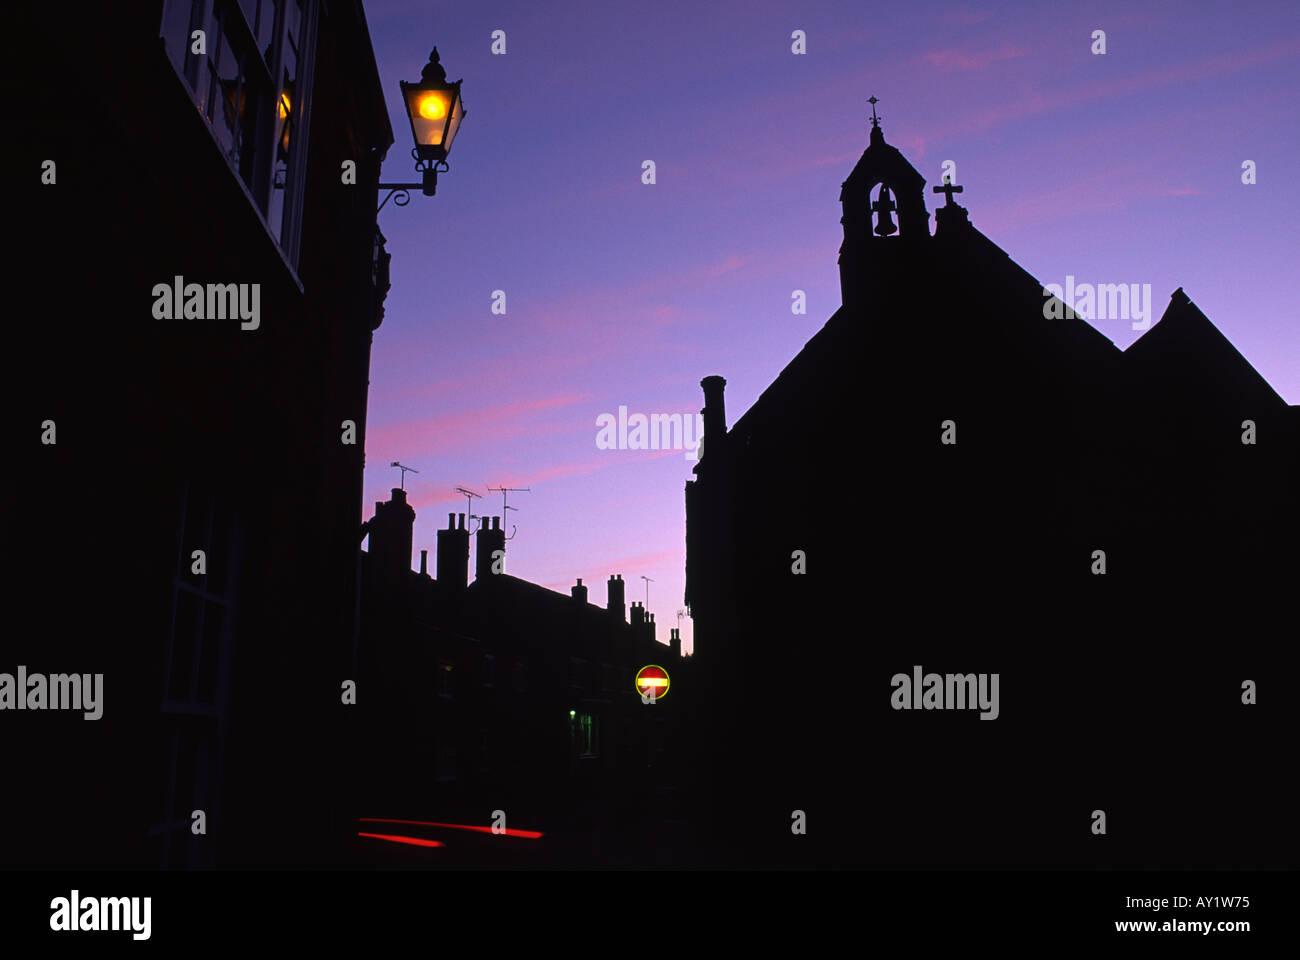 Silhouette de l'Almhouse au crépuscule dans la ville de Sherborne Dorset County England UK Banque D'Images